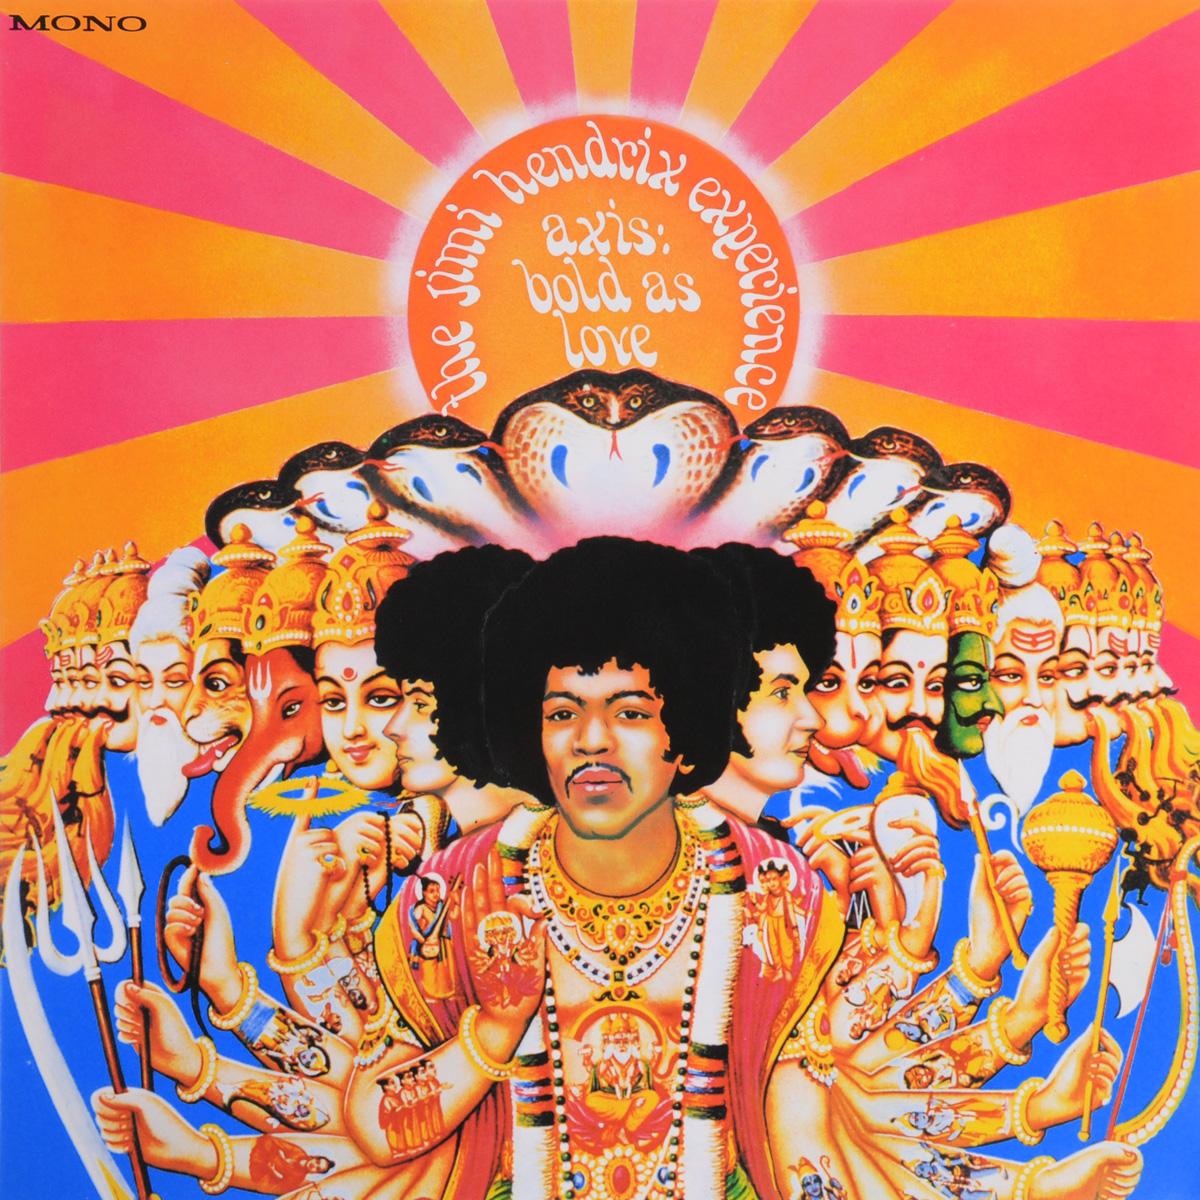 Джими Хендрикс Jimi Hendrix. Axis Bold As Love (Mono) (LP) jimi hendrix jimi hendrix axis bold as love 180 gr mono